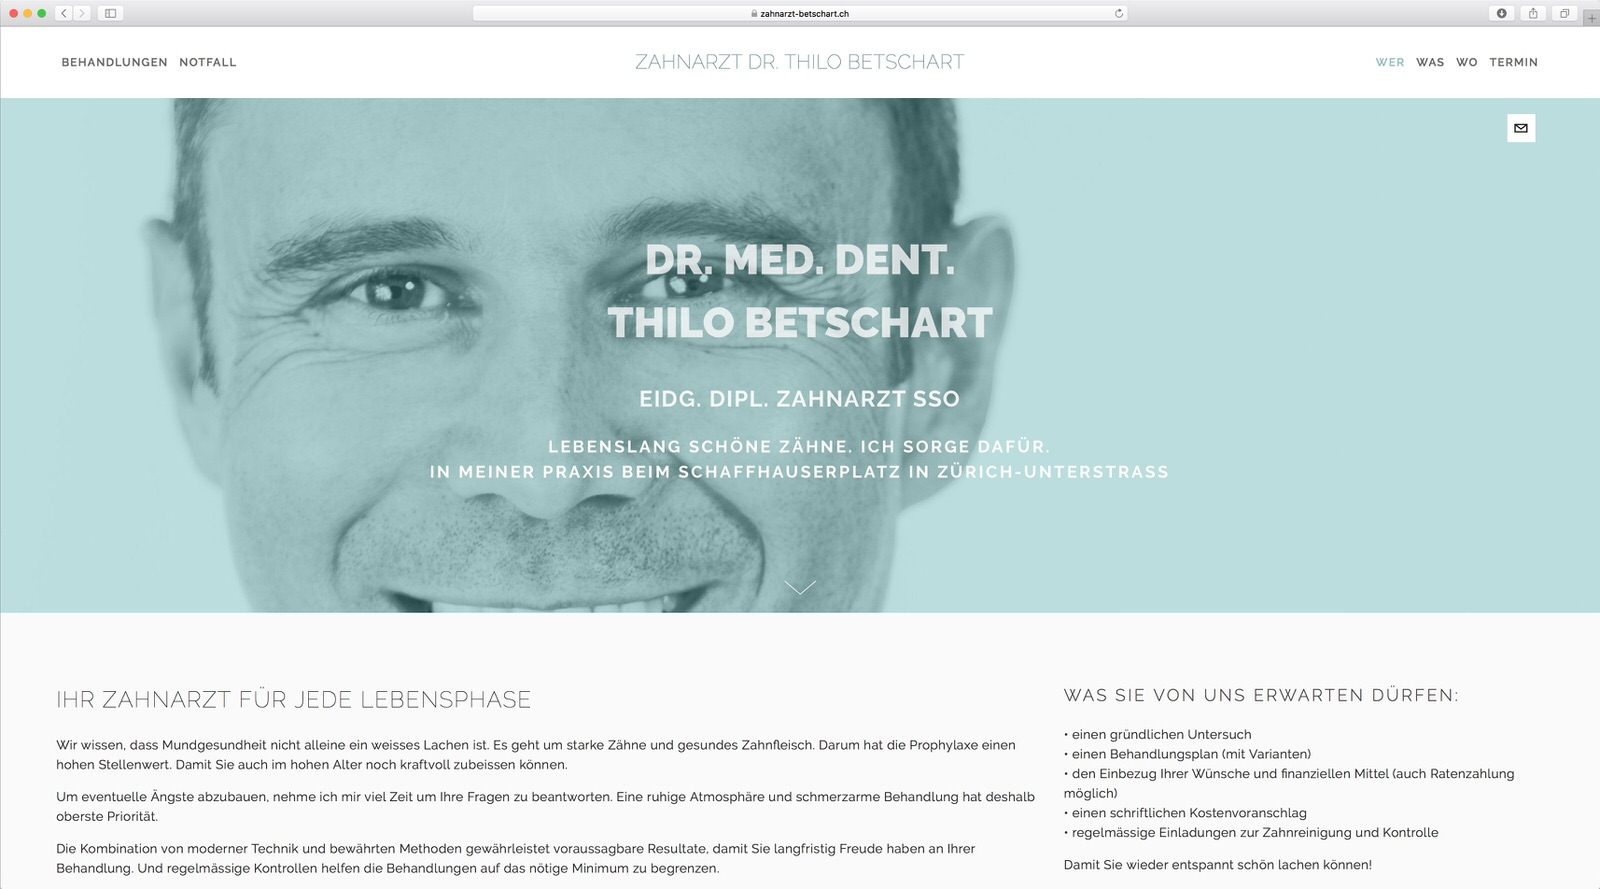 thumbnail-zahnarzt-betschart-webseite-partnersingmbh-1.jpg